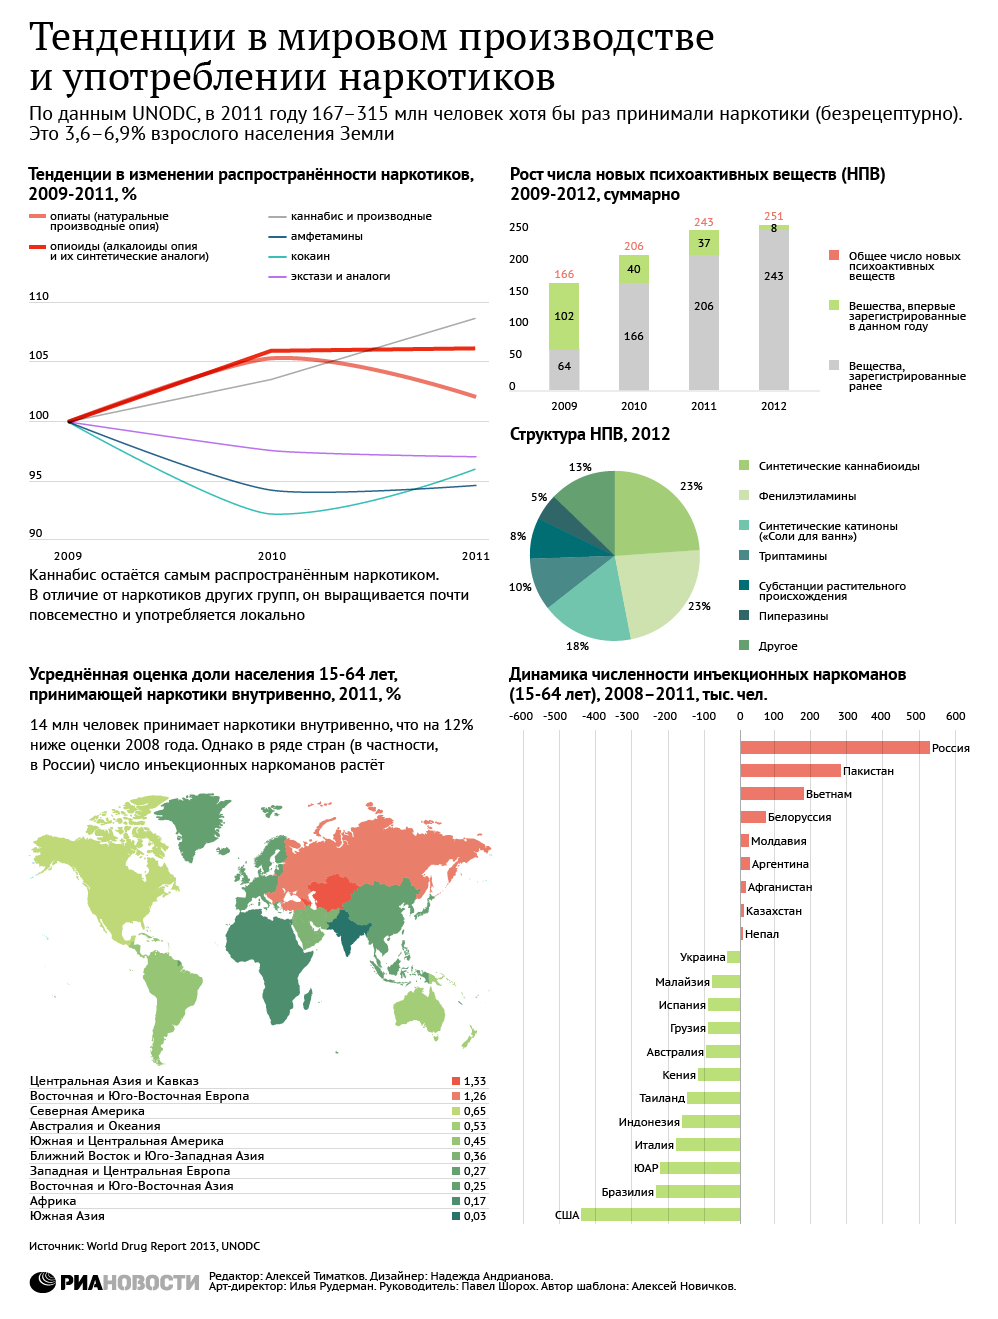 Тенденции в мировом производстве и употреблении наркотиков